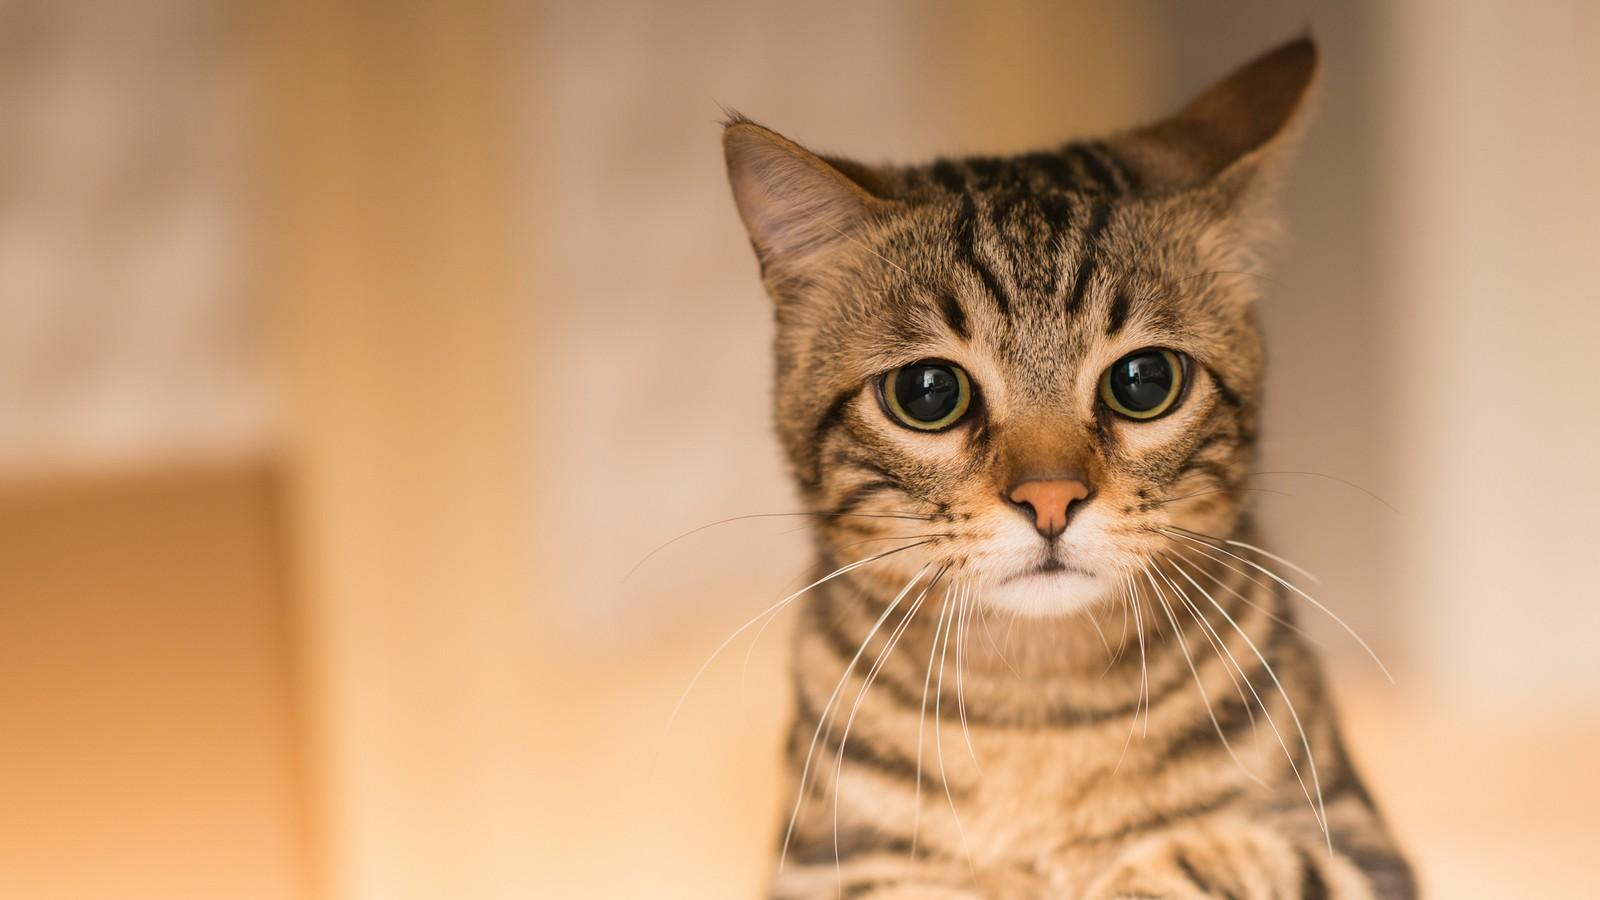 Katze Traurig Anzeichen